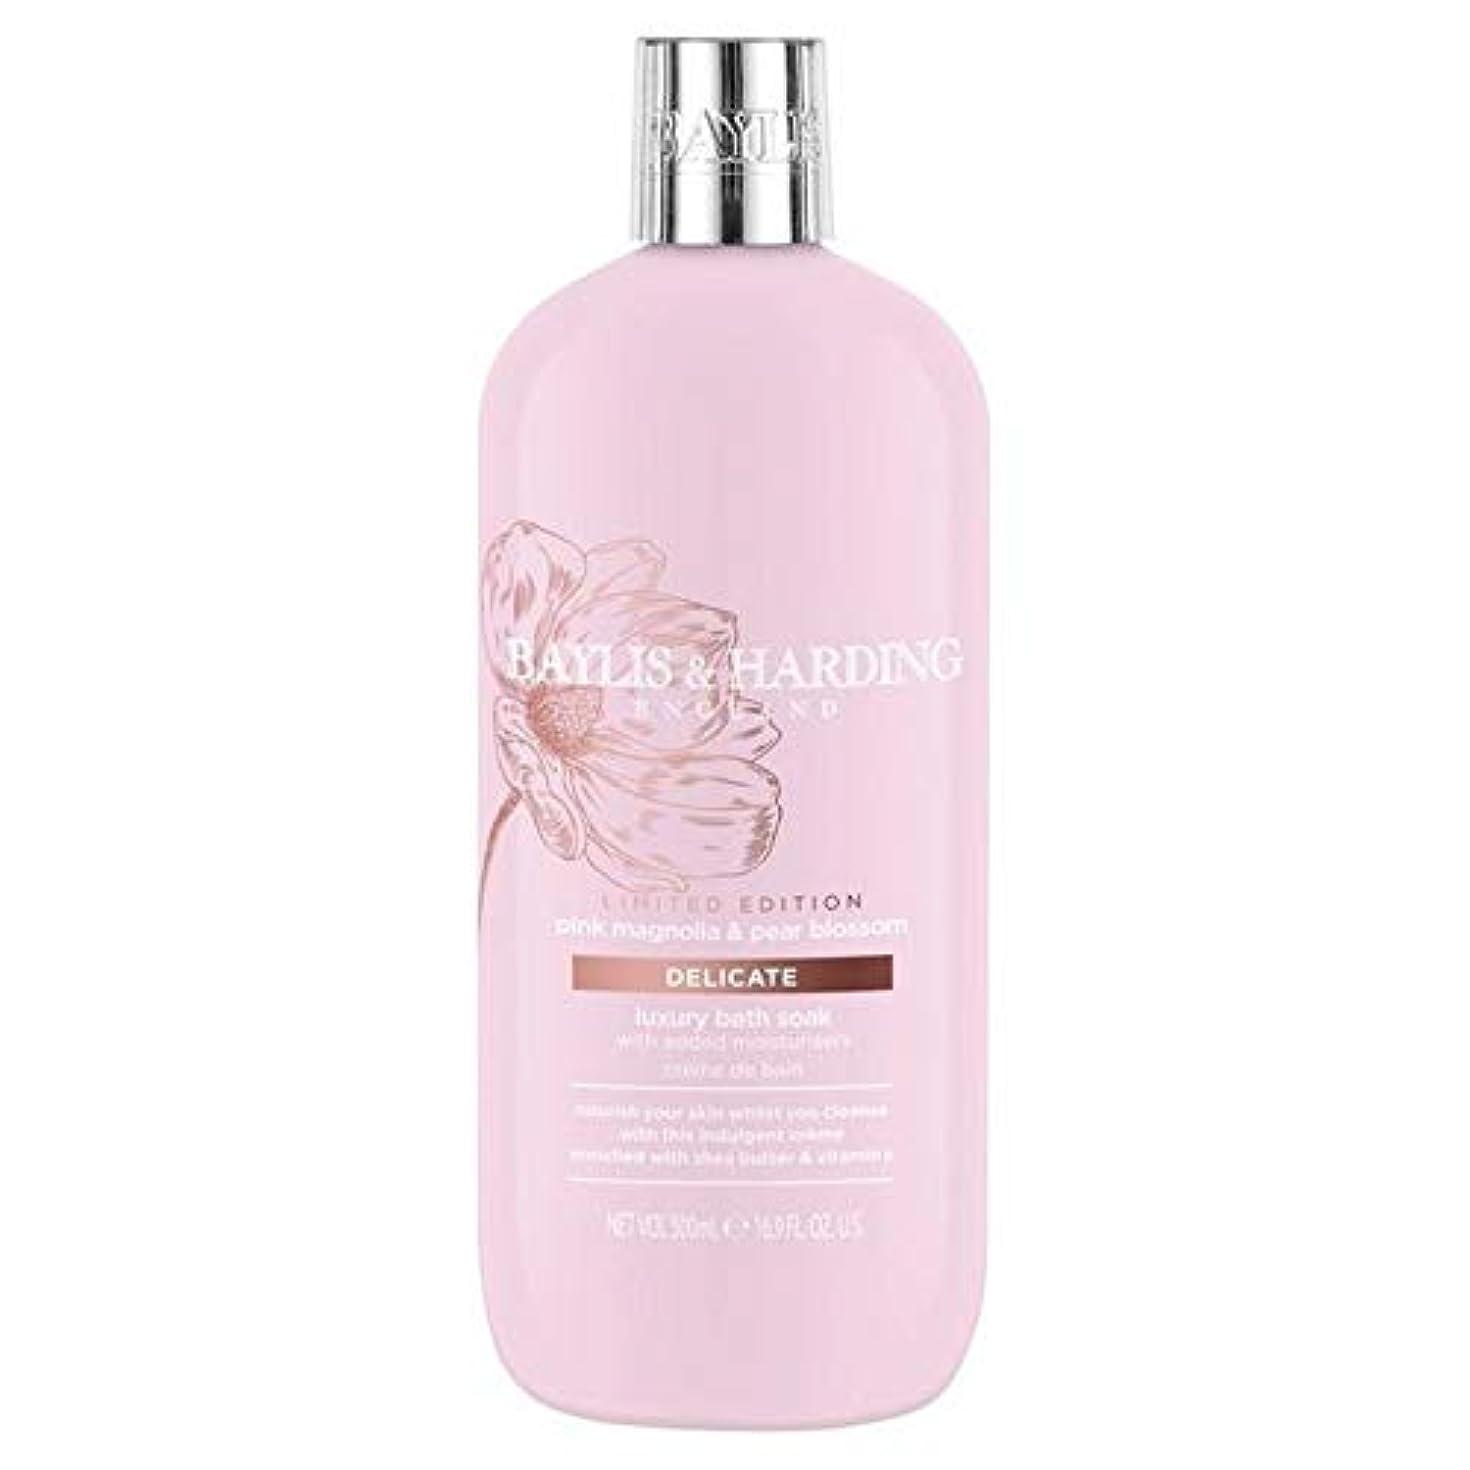 巻き取りピクニックをする権利を与える[Baylis & Harding ] ベイリス&ハーディングピンクのマグノリア&梨の花の保湿入浴500ミリリットルつかります - Baylis & Harding Pink Magnolia & Pear Blossom...